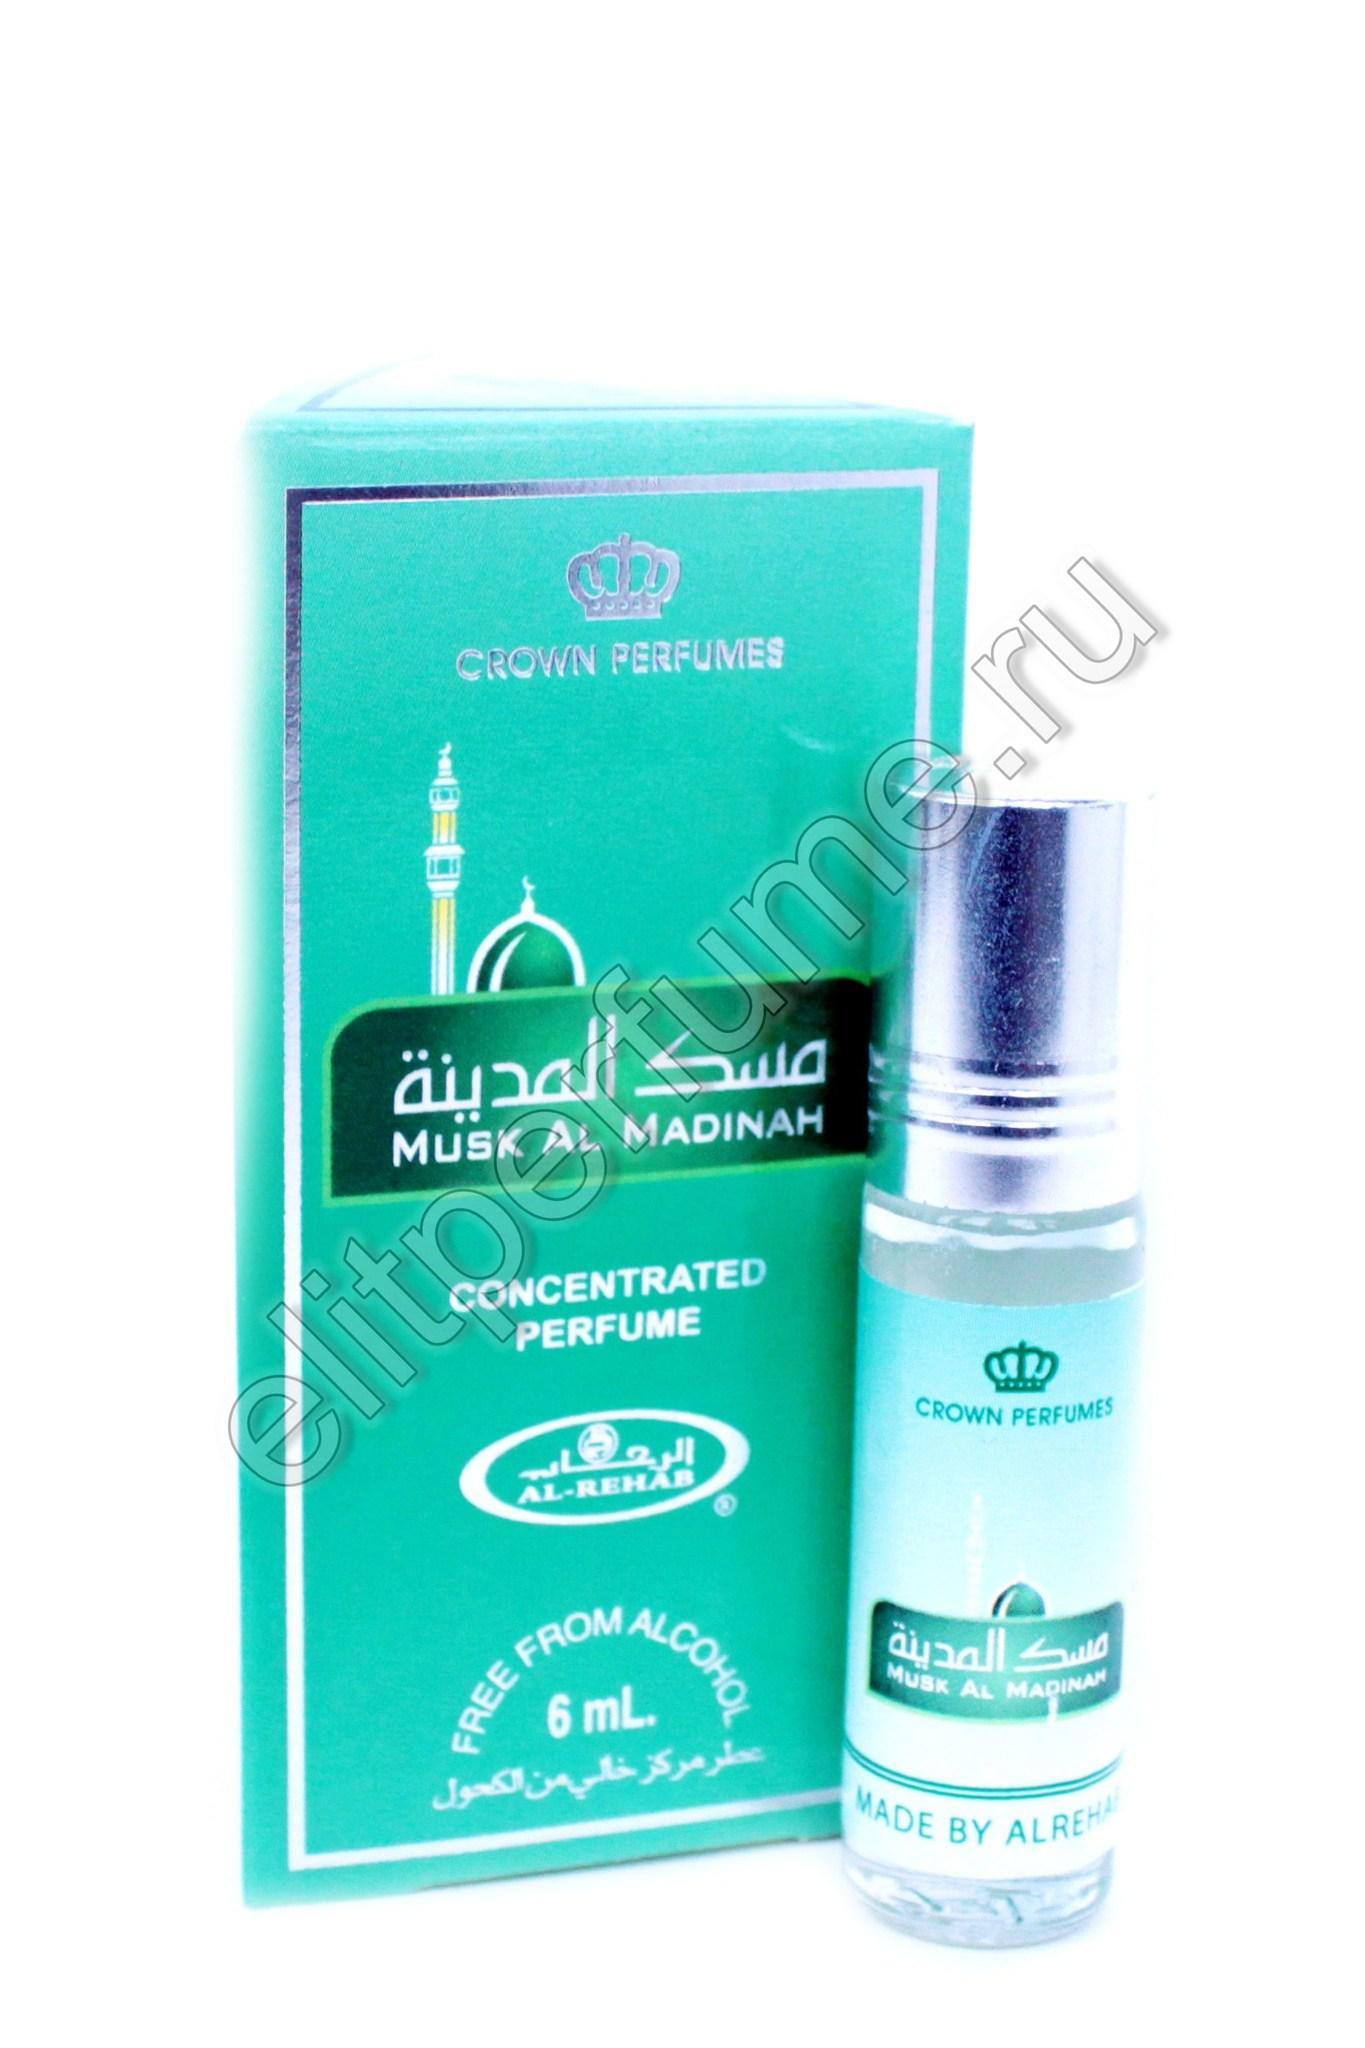 Musk Al Madinah Муск Аль Медина 6 мл арабские масляные духи от Аль Рехаб Al Rehab